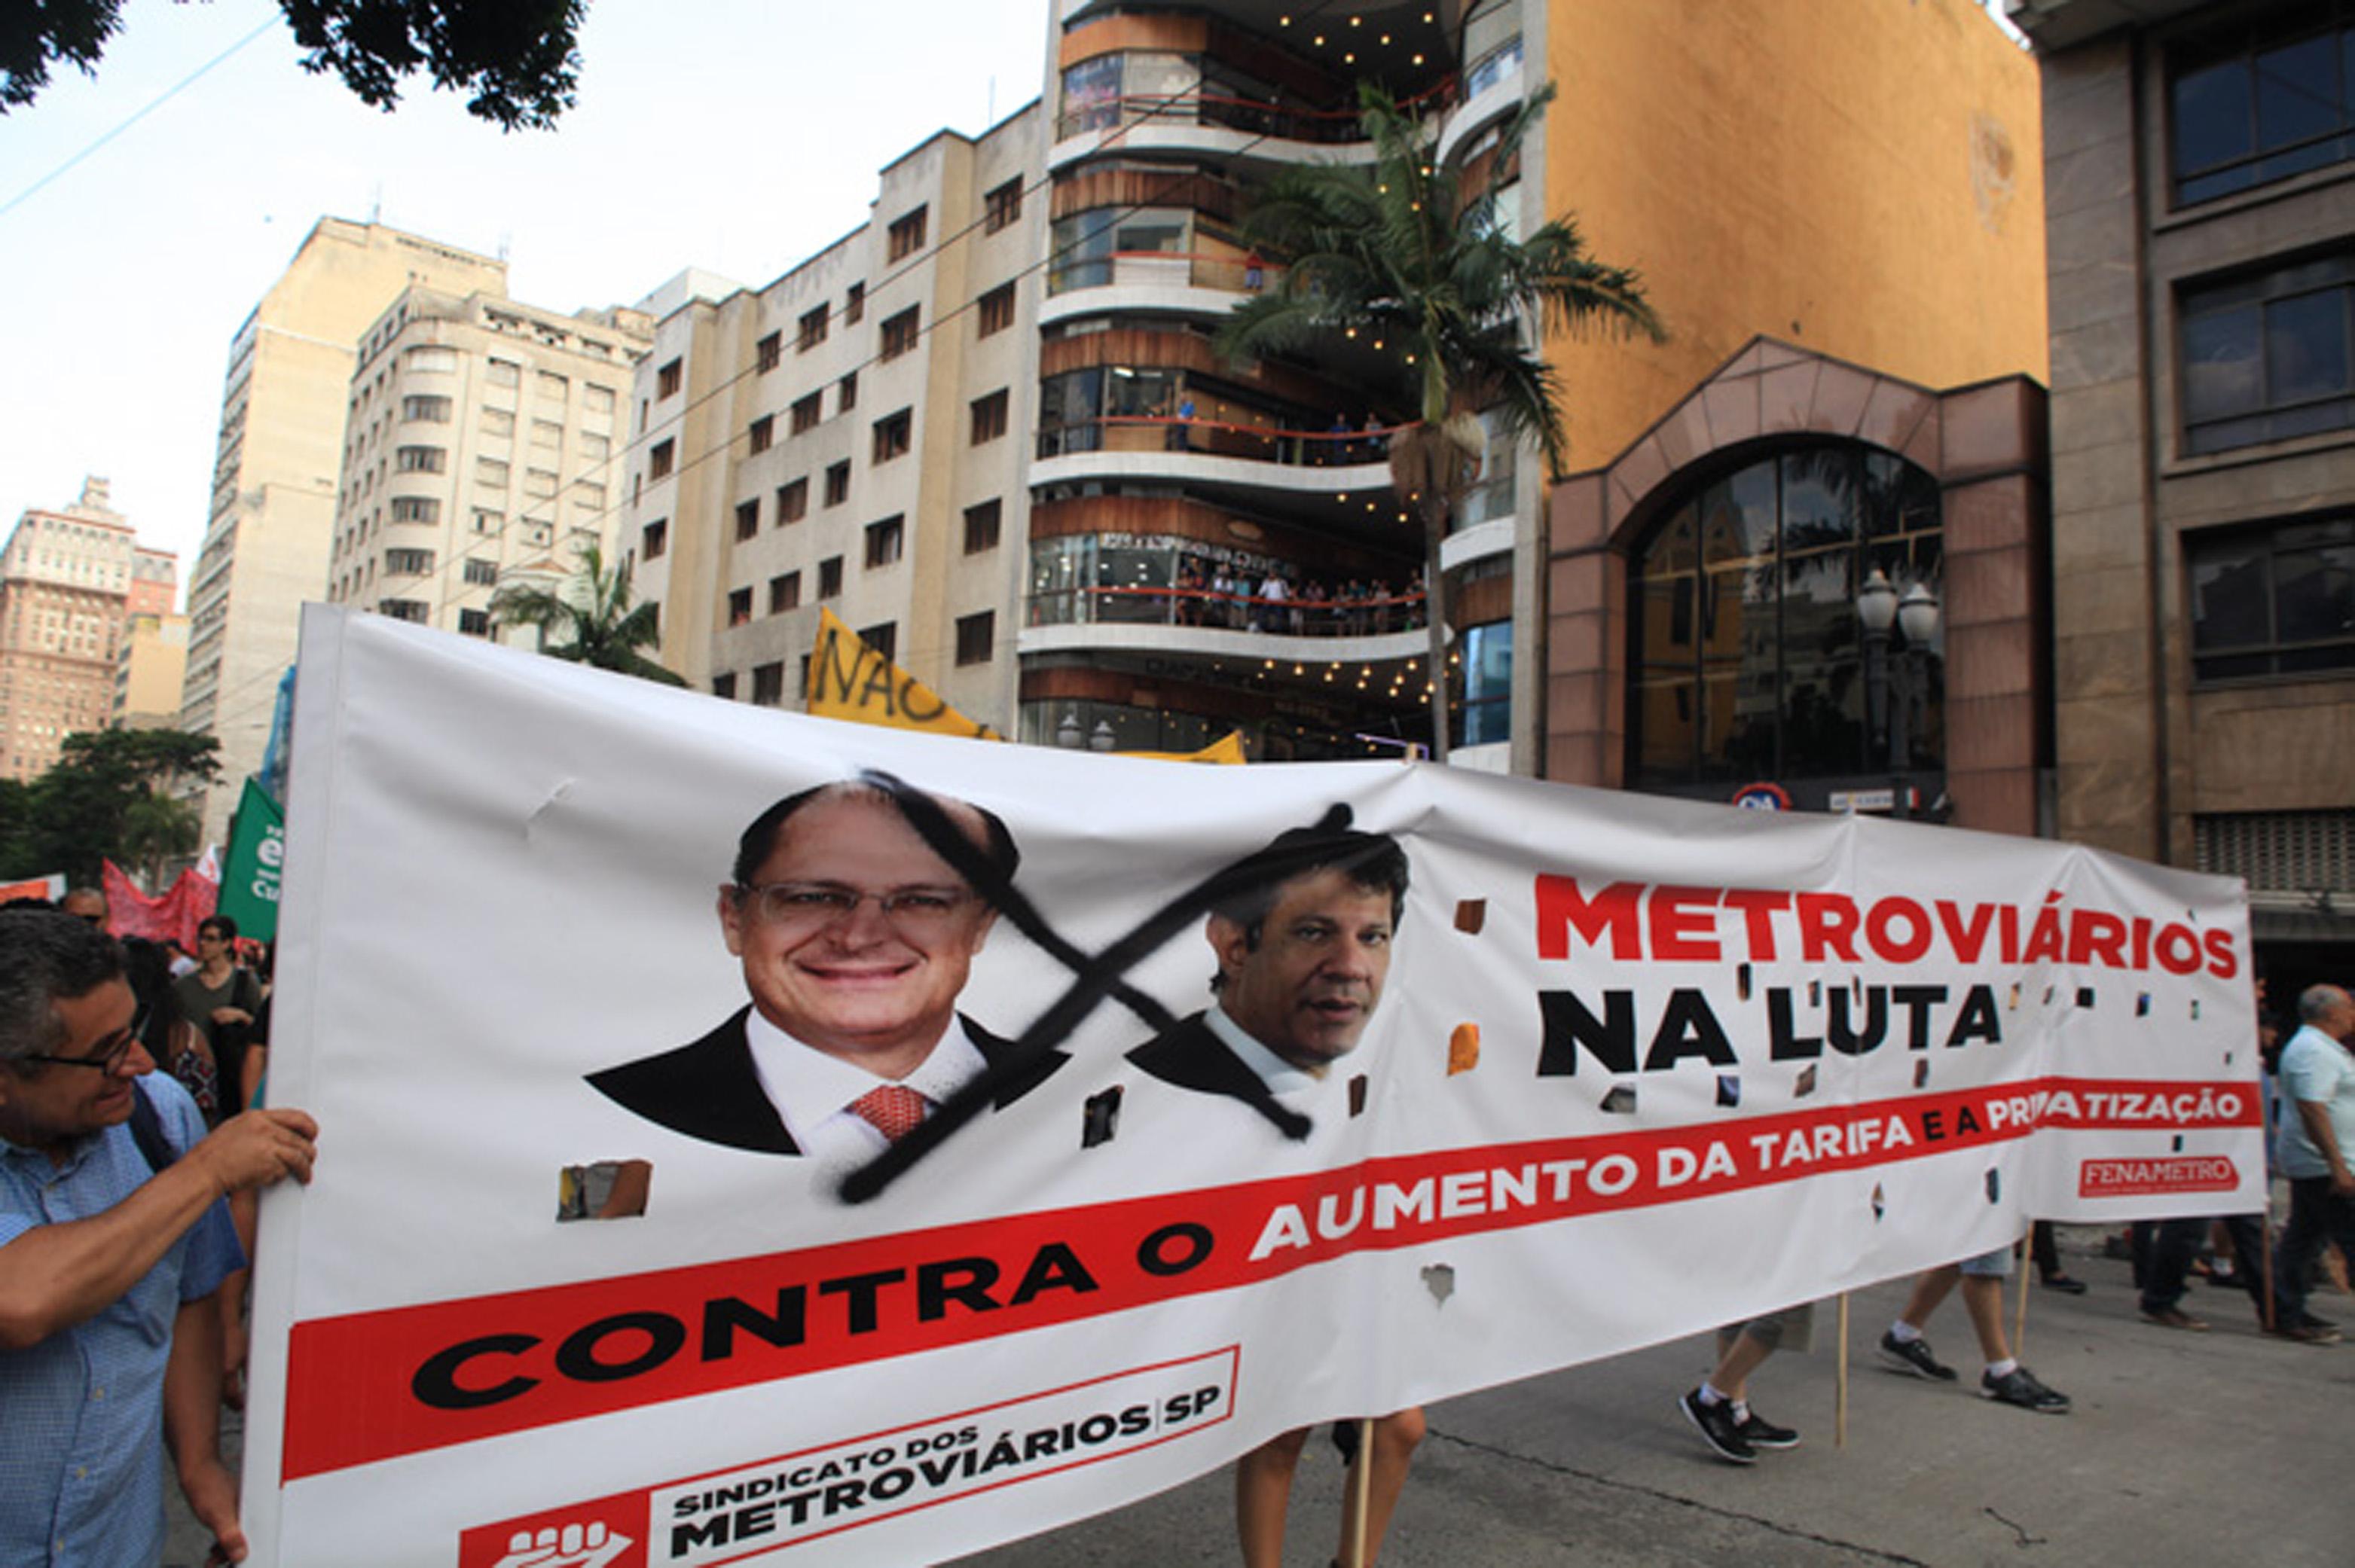 São Paulo (SP), 08/01/2016 - Protesto contra o aumento das tarifas dos transportes em São Paulo reuniu milhares de pessoas no centro da capital e terminou em confronto entre policiais militares e os manifestantes. Foto: Paulo Iannone/FramePhoto